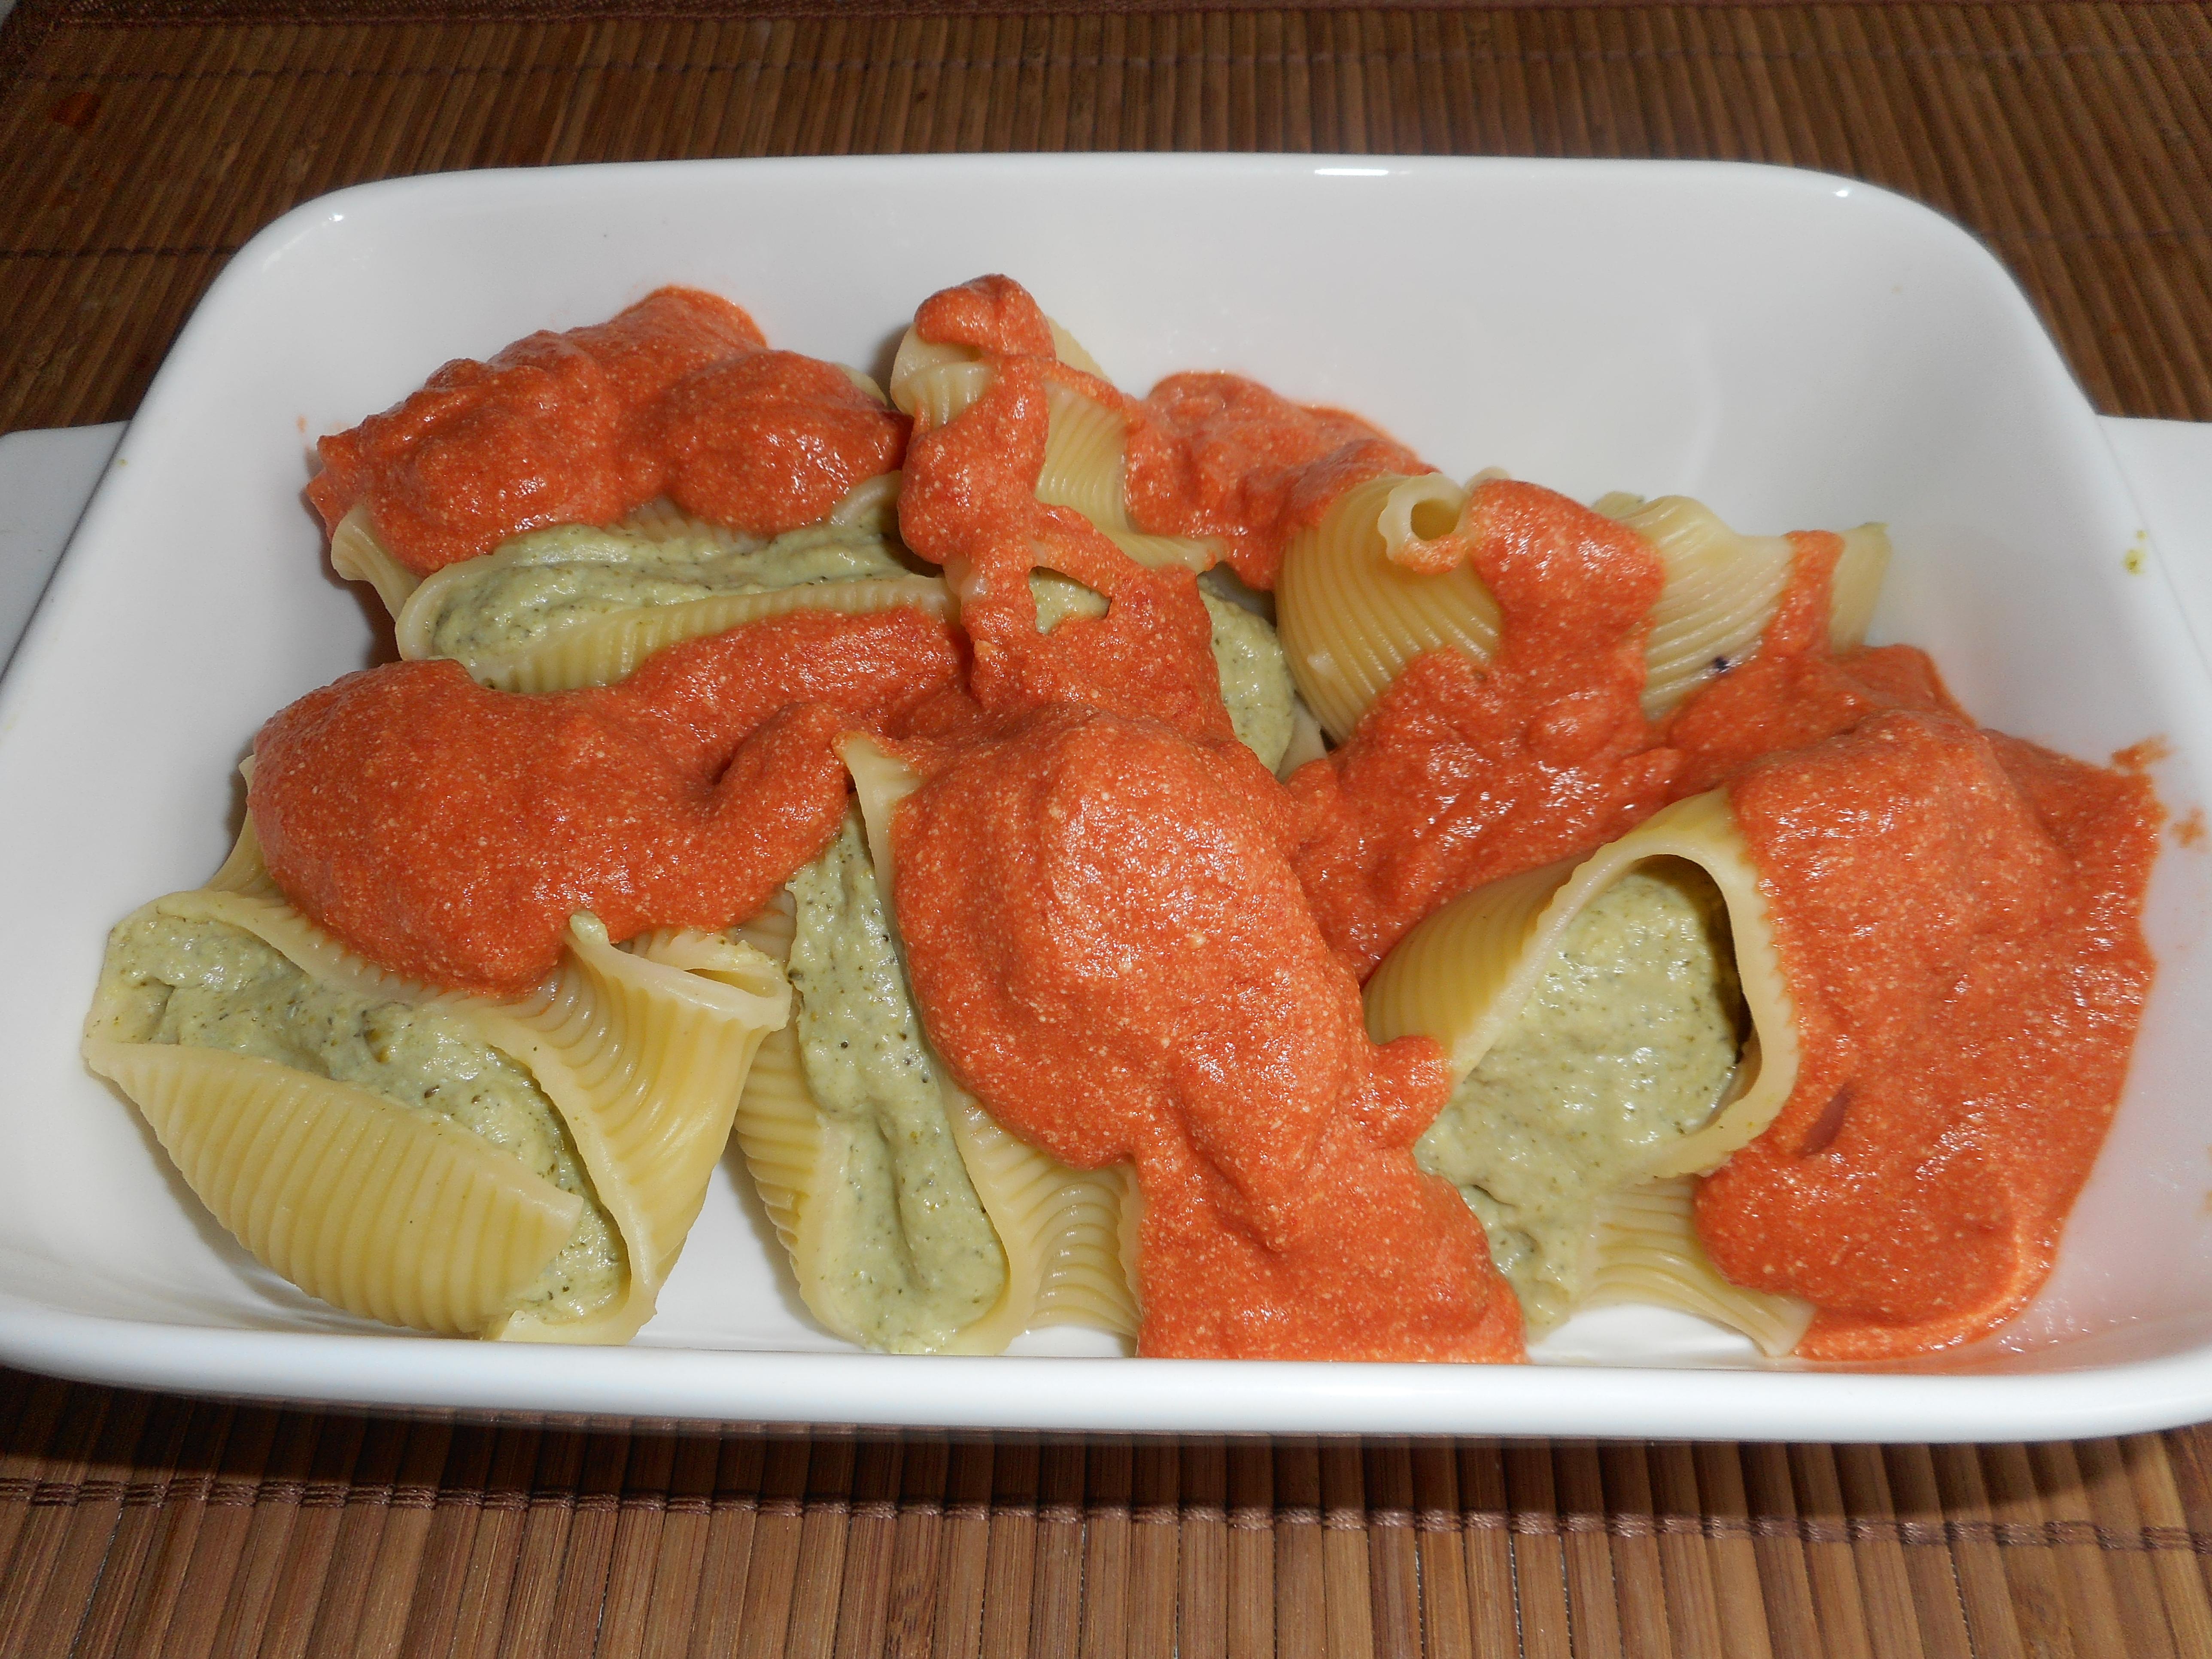 Geliefde Dagen zonder vlees: pasta met broccoli, tomaat en ricotta - Di-Eet.be #YP82